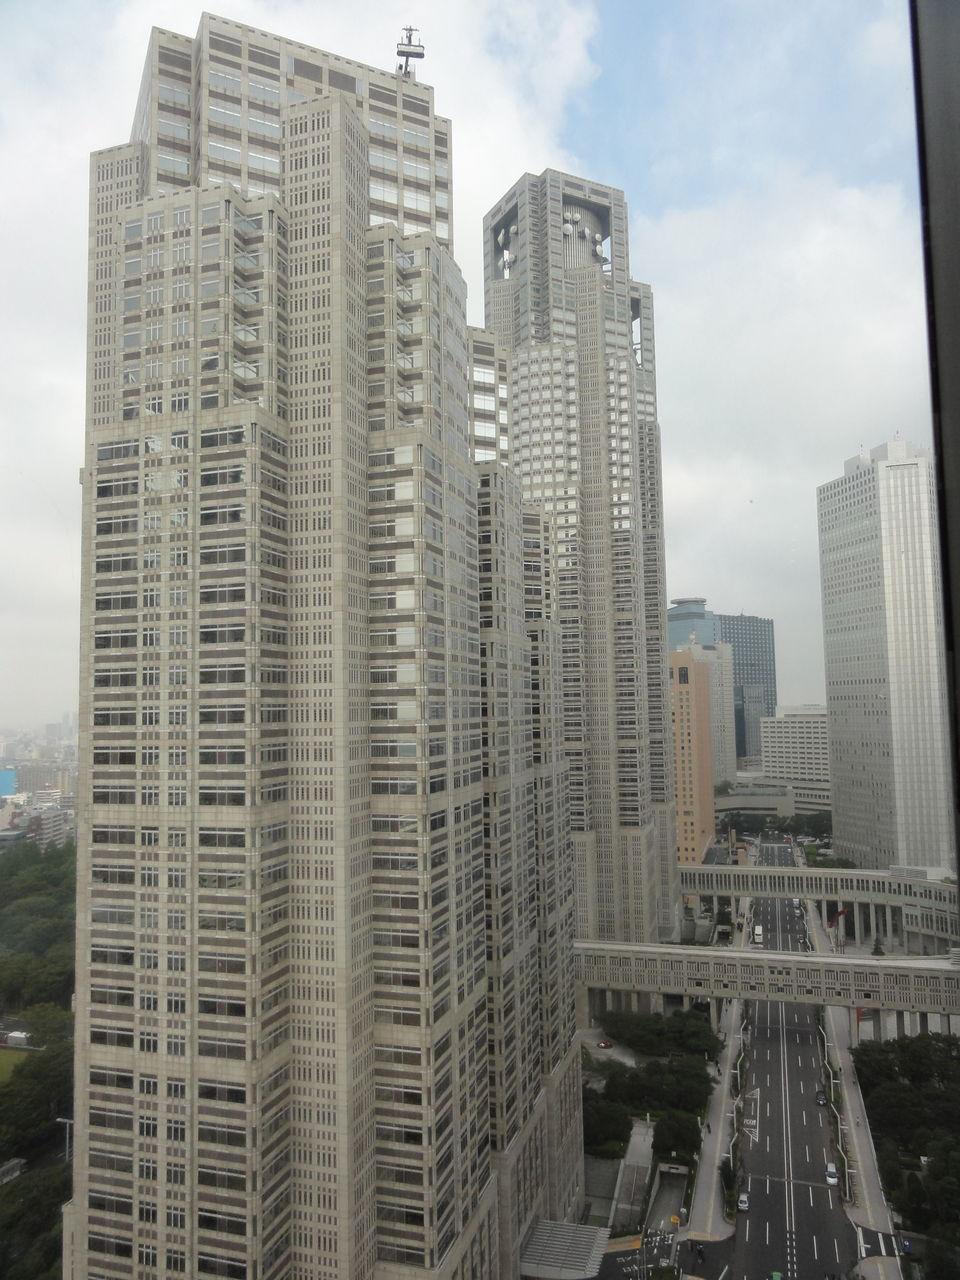 SUNQBABAブログ : 新宿超高層ビル